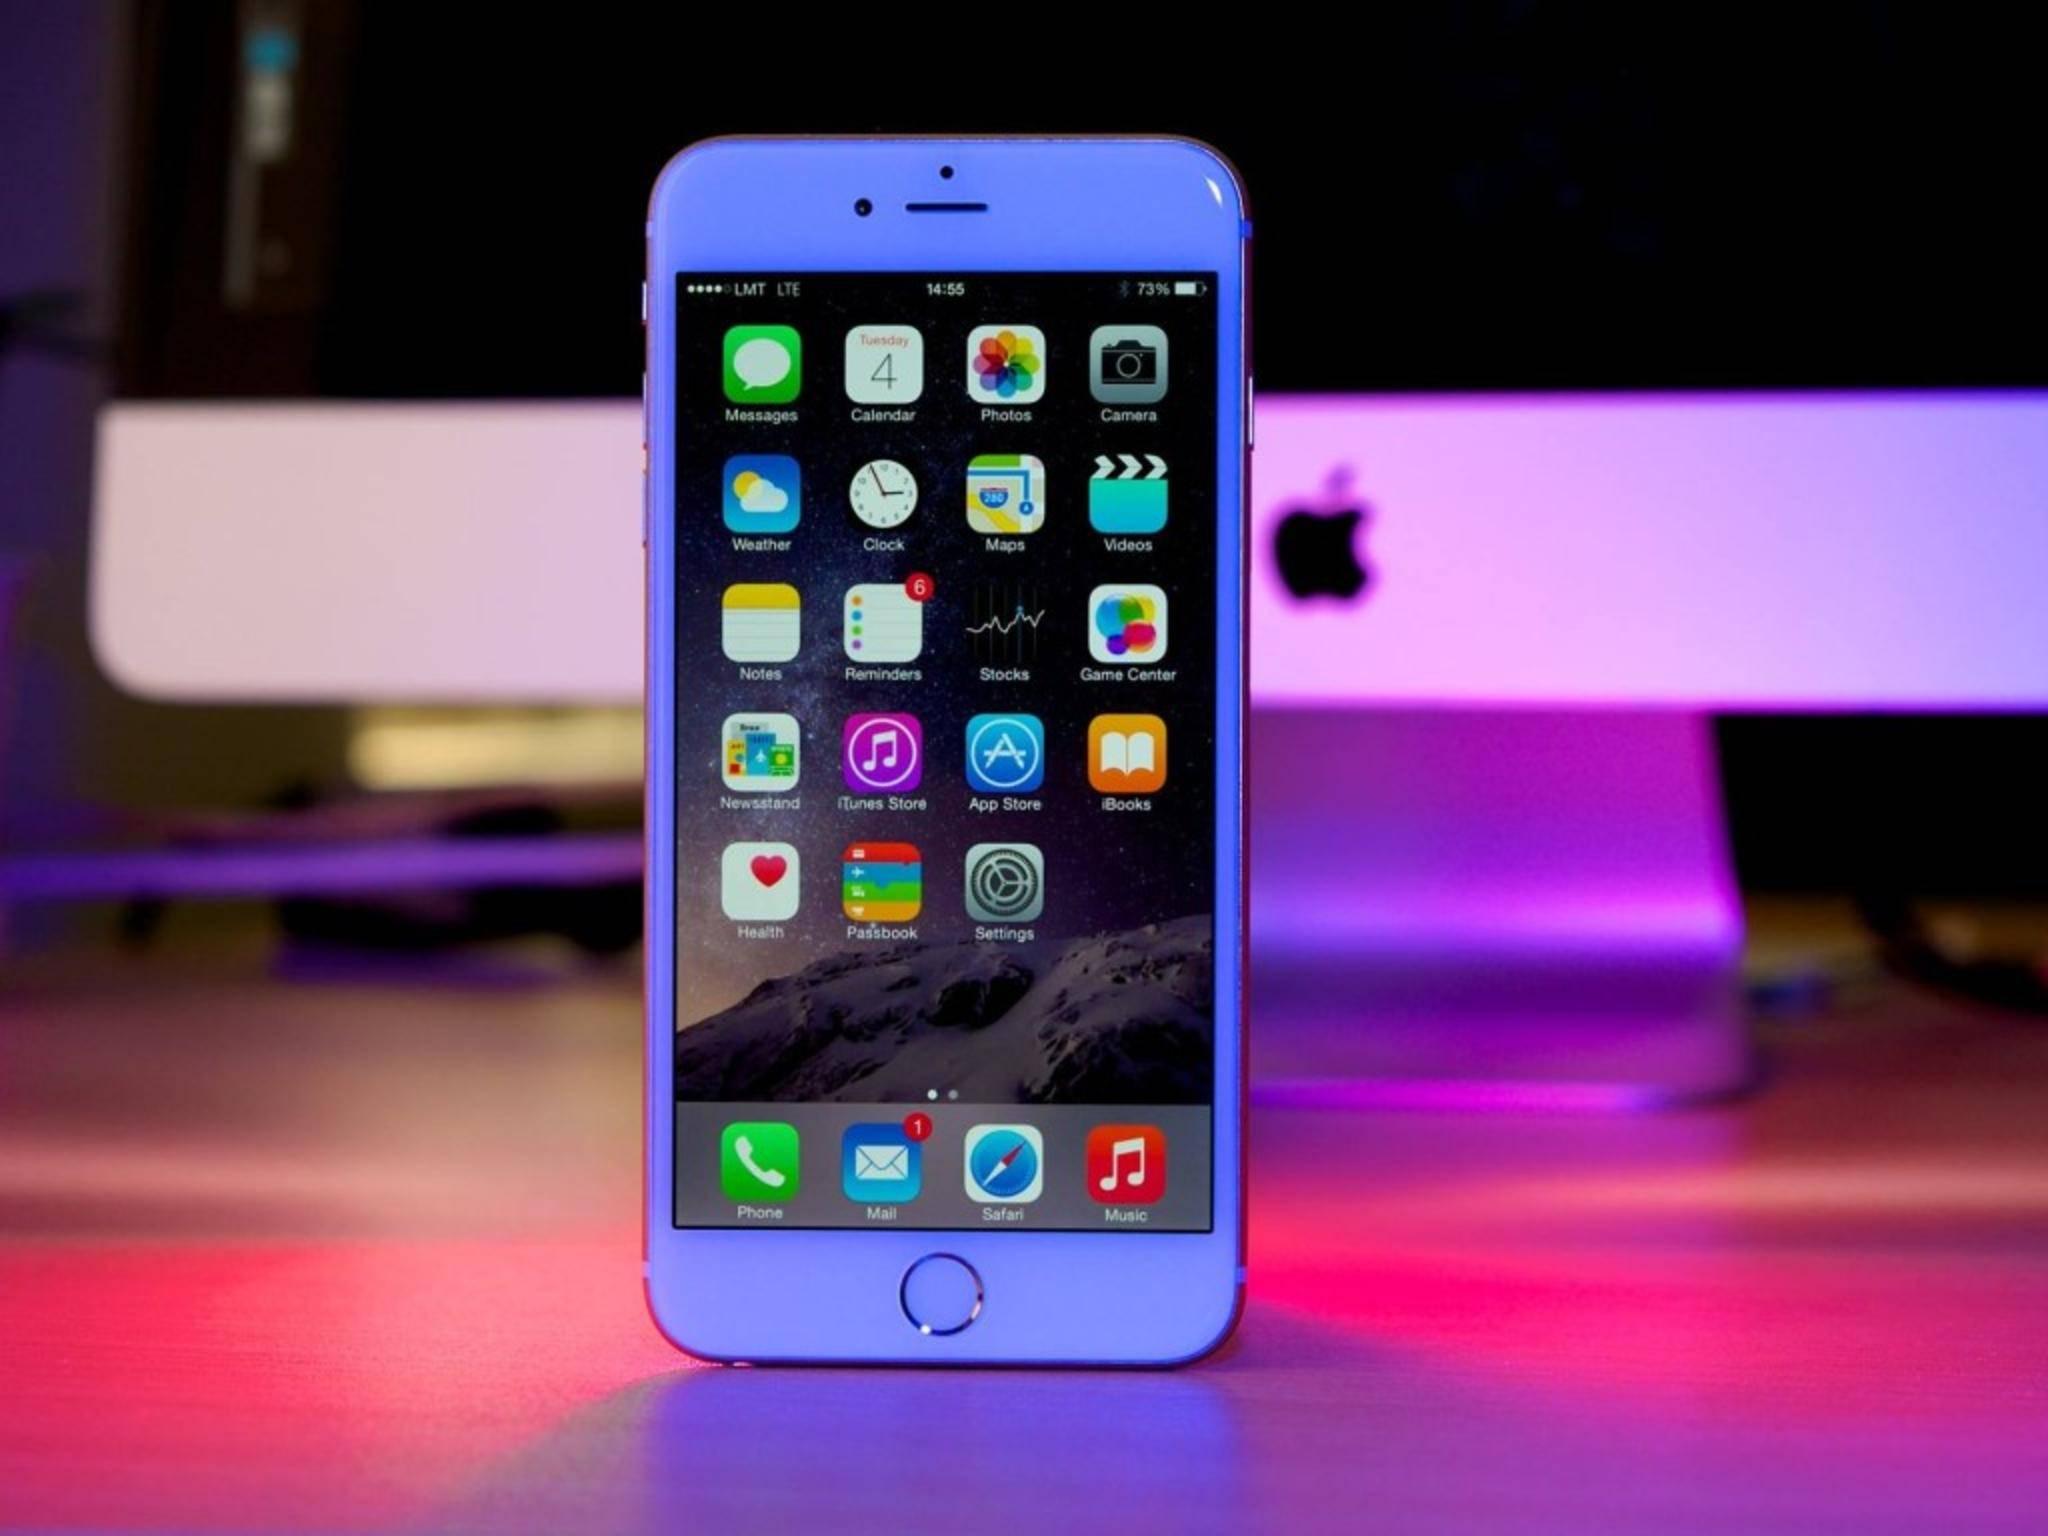 Das iPhone 6 Plus dominiert schon nach kurzer Zeit den US-Phablet-Markt.